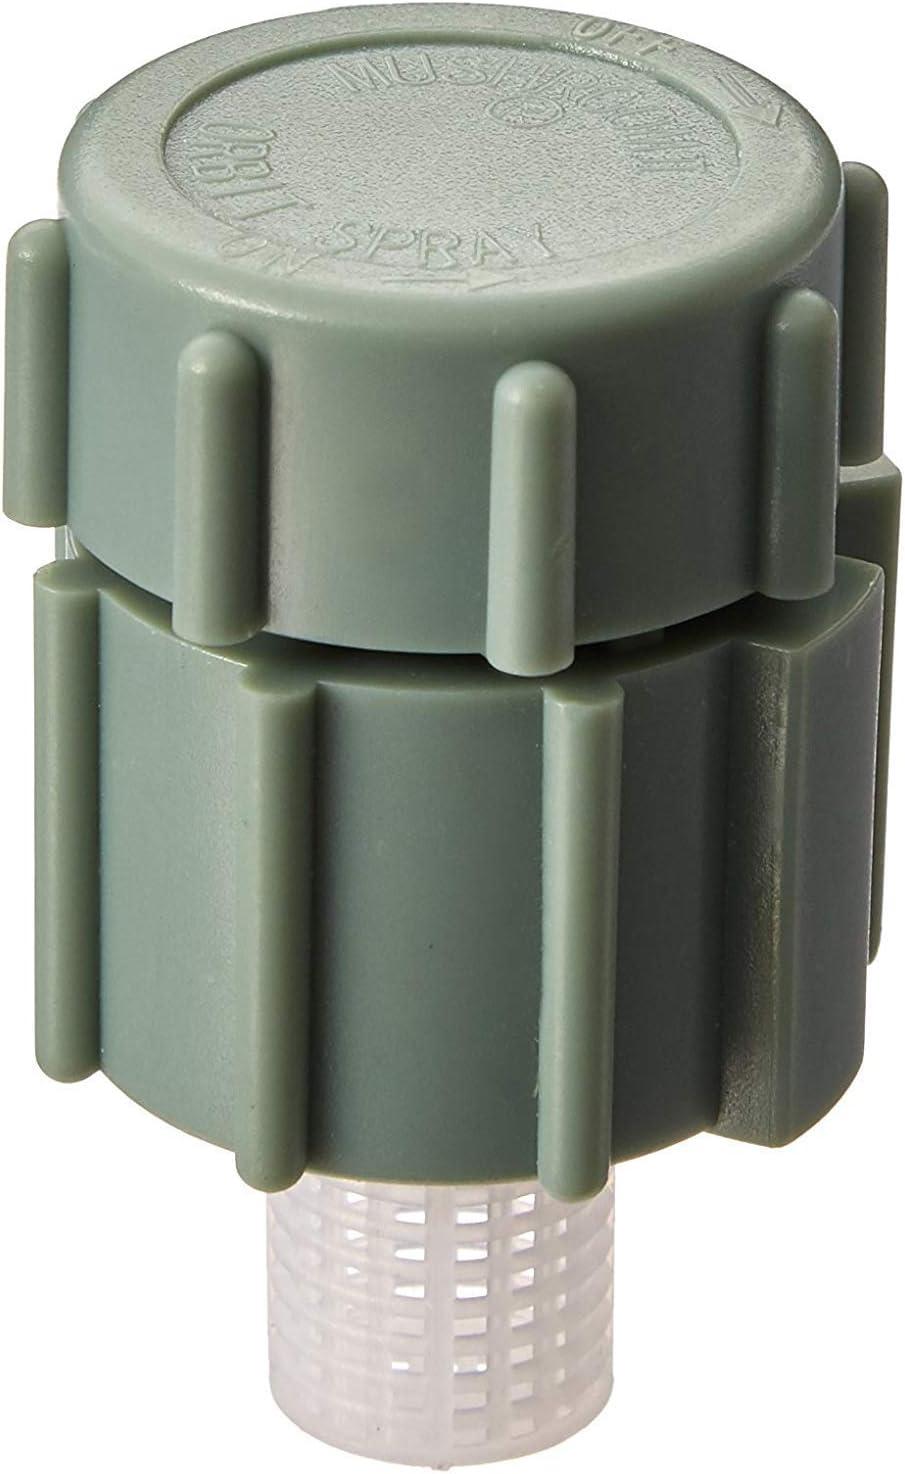 10 Pack - Orbit Full Pattern Mushroom Bubbler Sprinkler Head